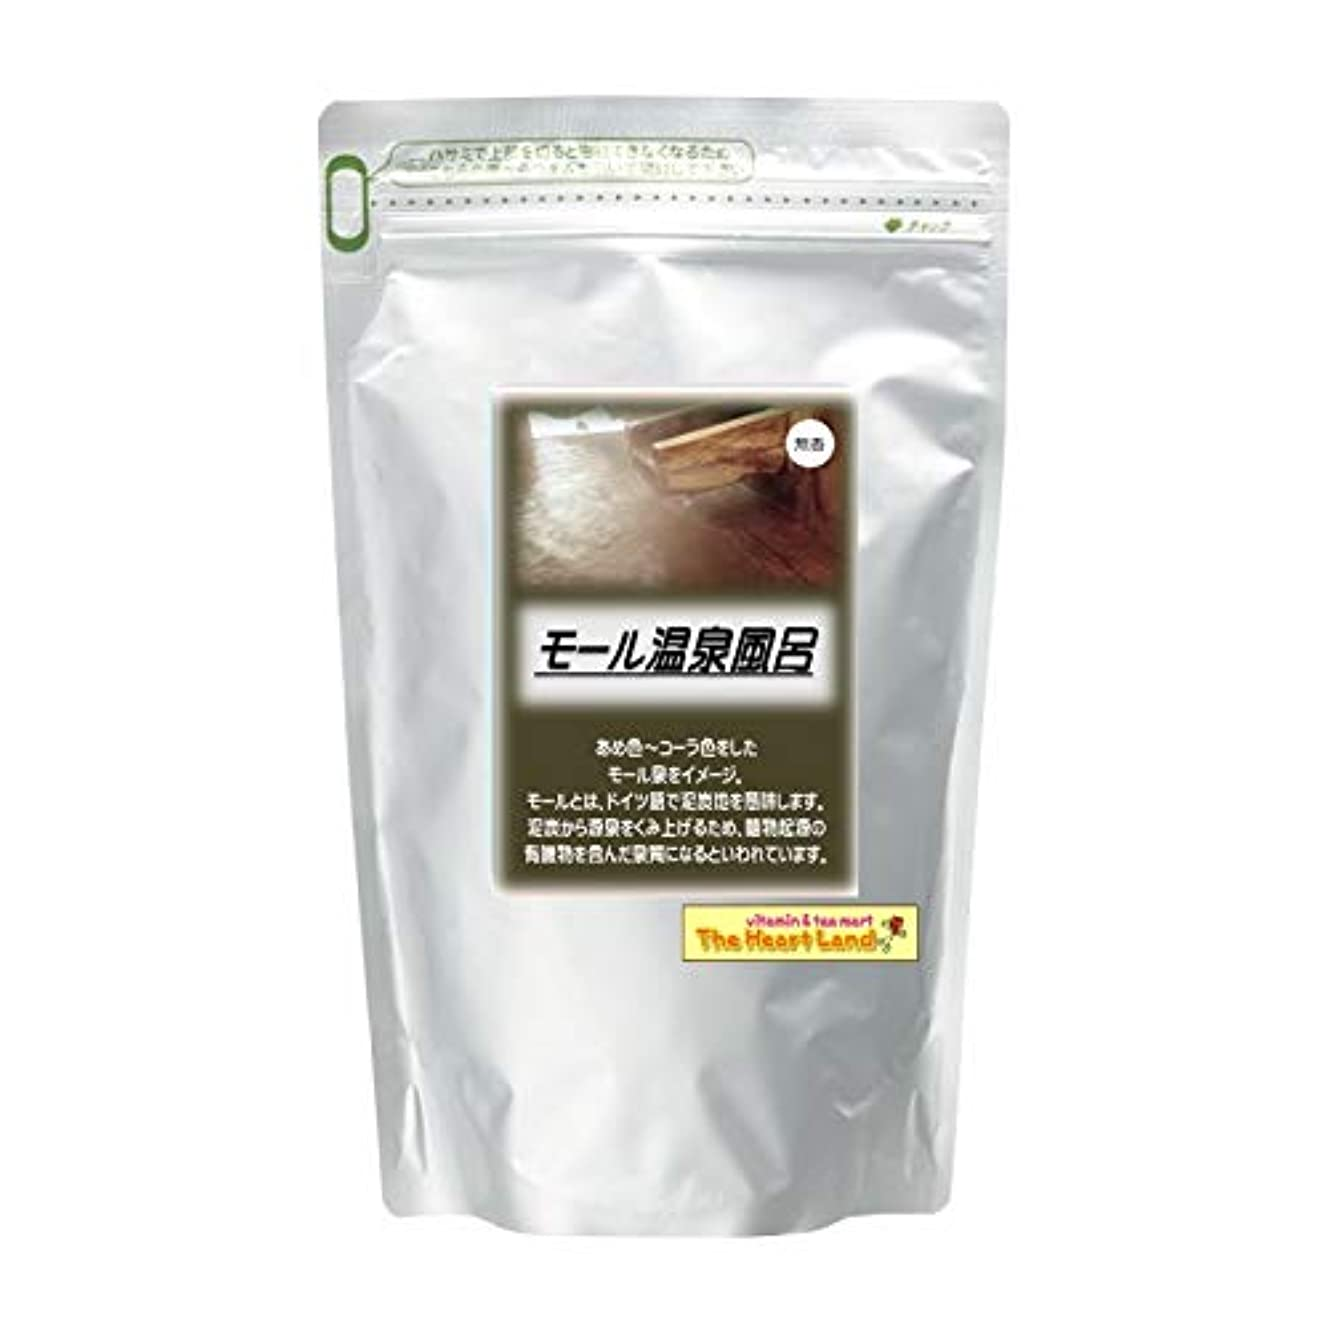 うるさいジャズパウダーアサヒ入浴剤 浴用入浴化粧品 モール温泉風呂 2.5kg